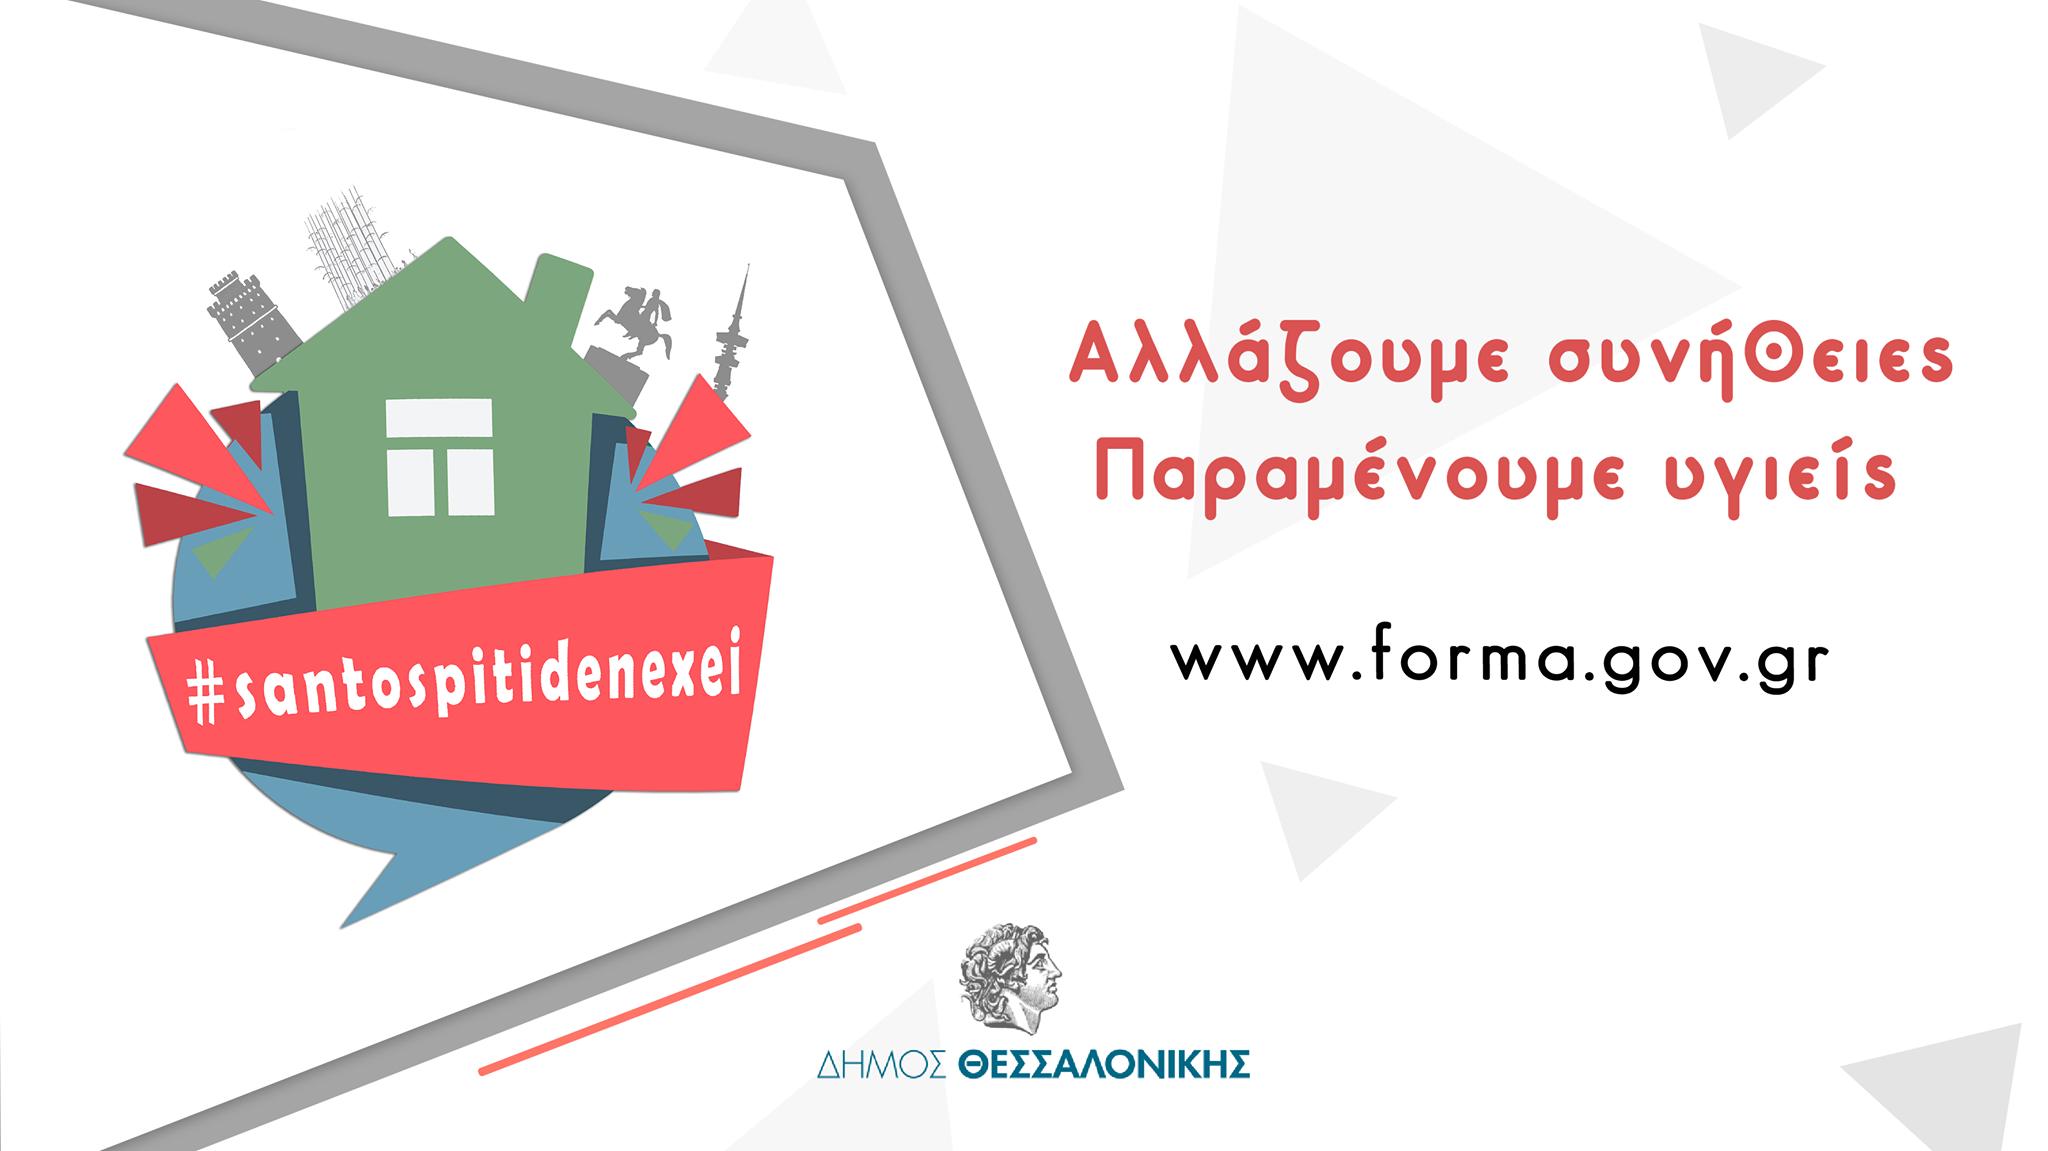 Oδηγίες για την απαγόρευση κυκλοφορίας – www.forma.gov.gr